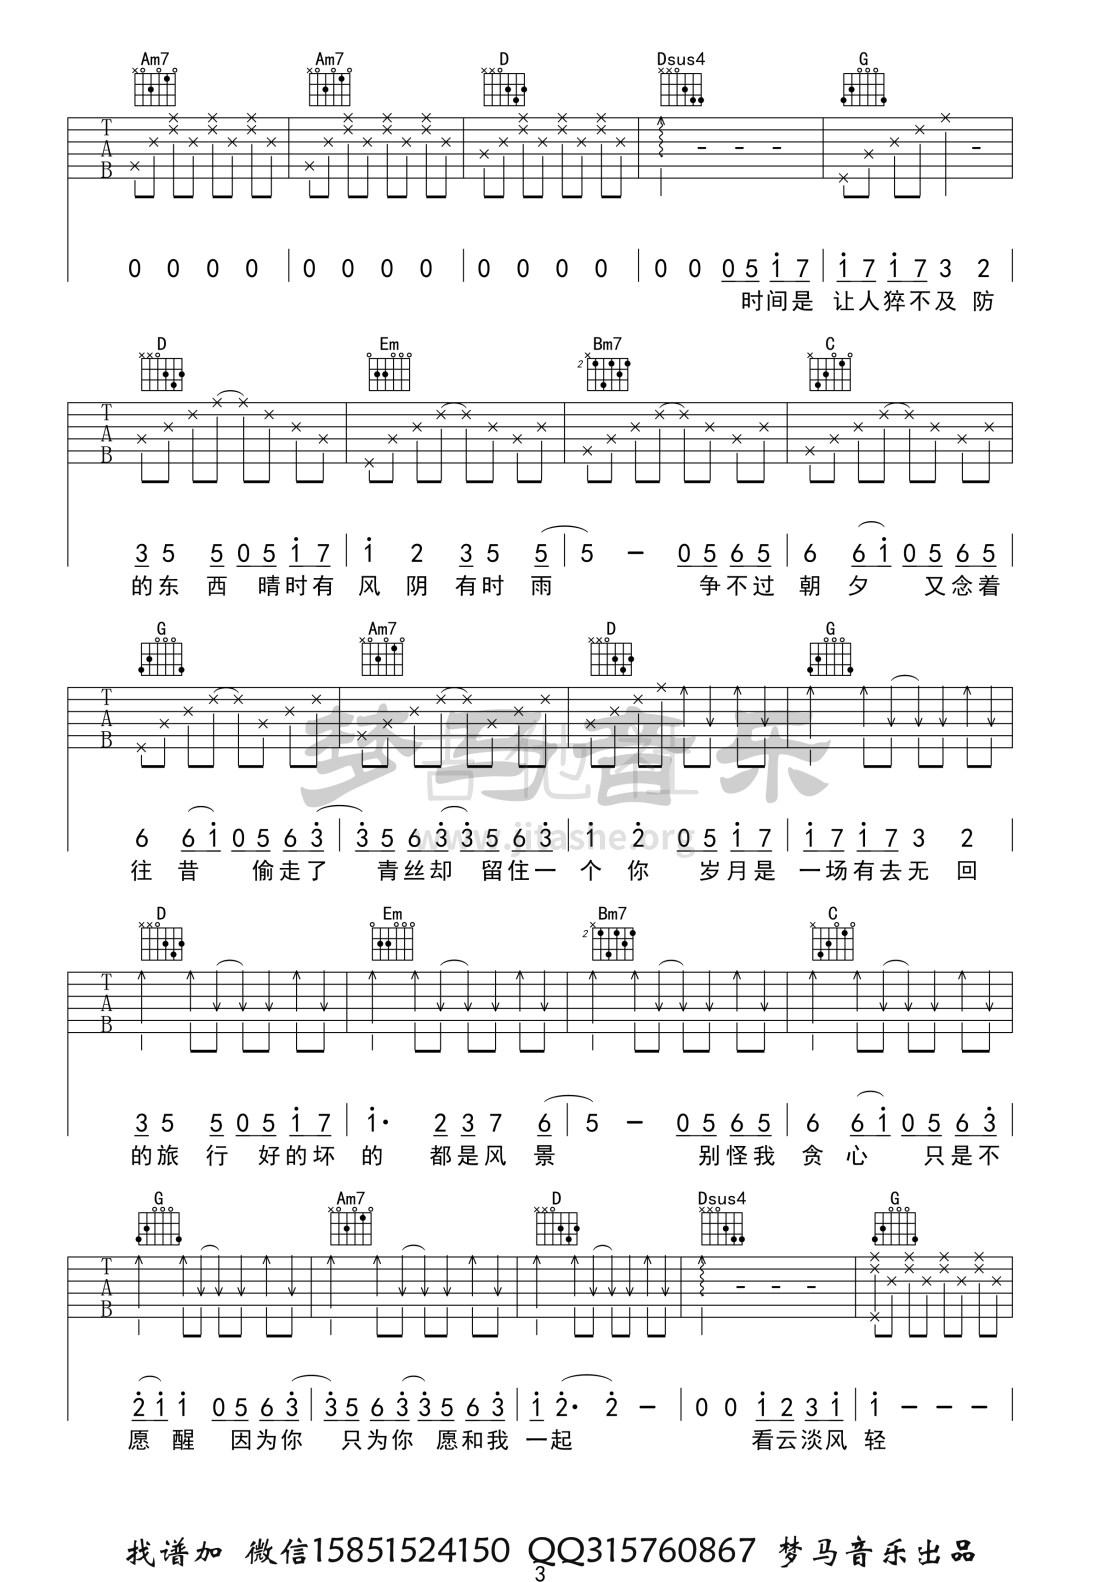 岁月神偷吉他谱(图片谱,弹唱)_金玟岐_岁月神偷-3.jpg